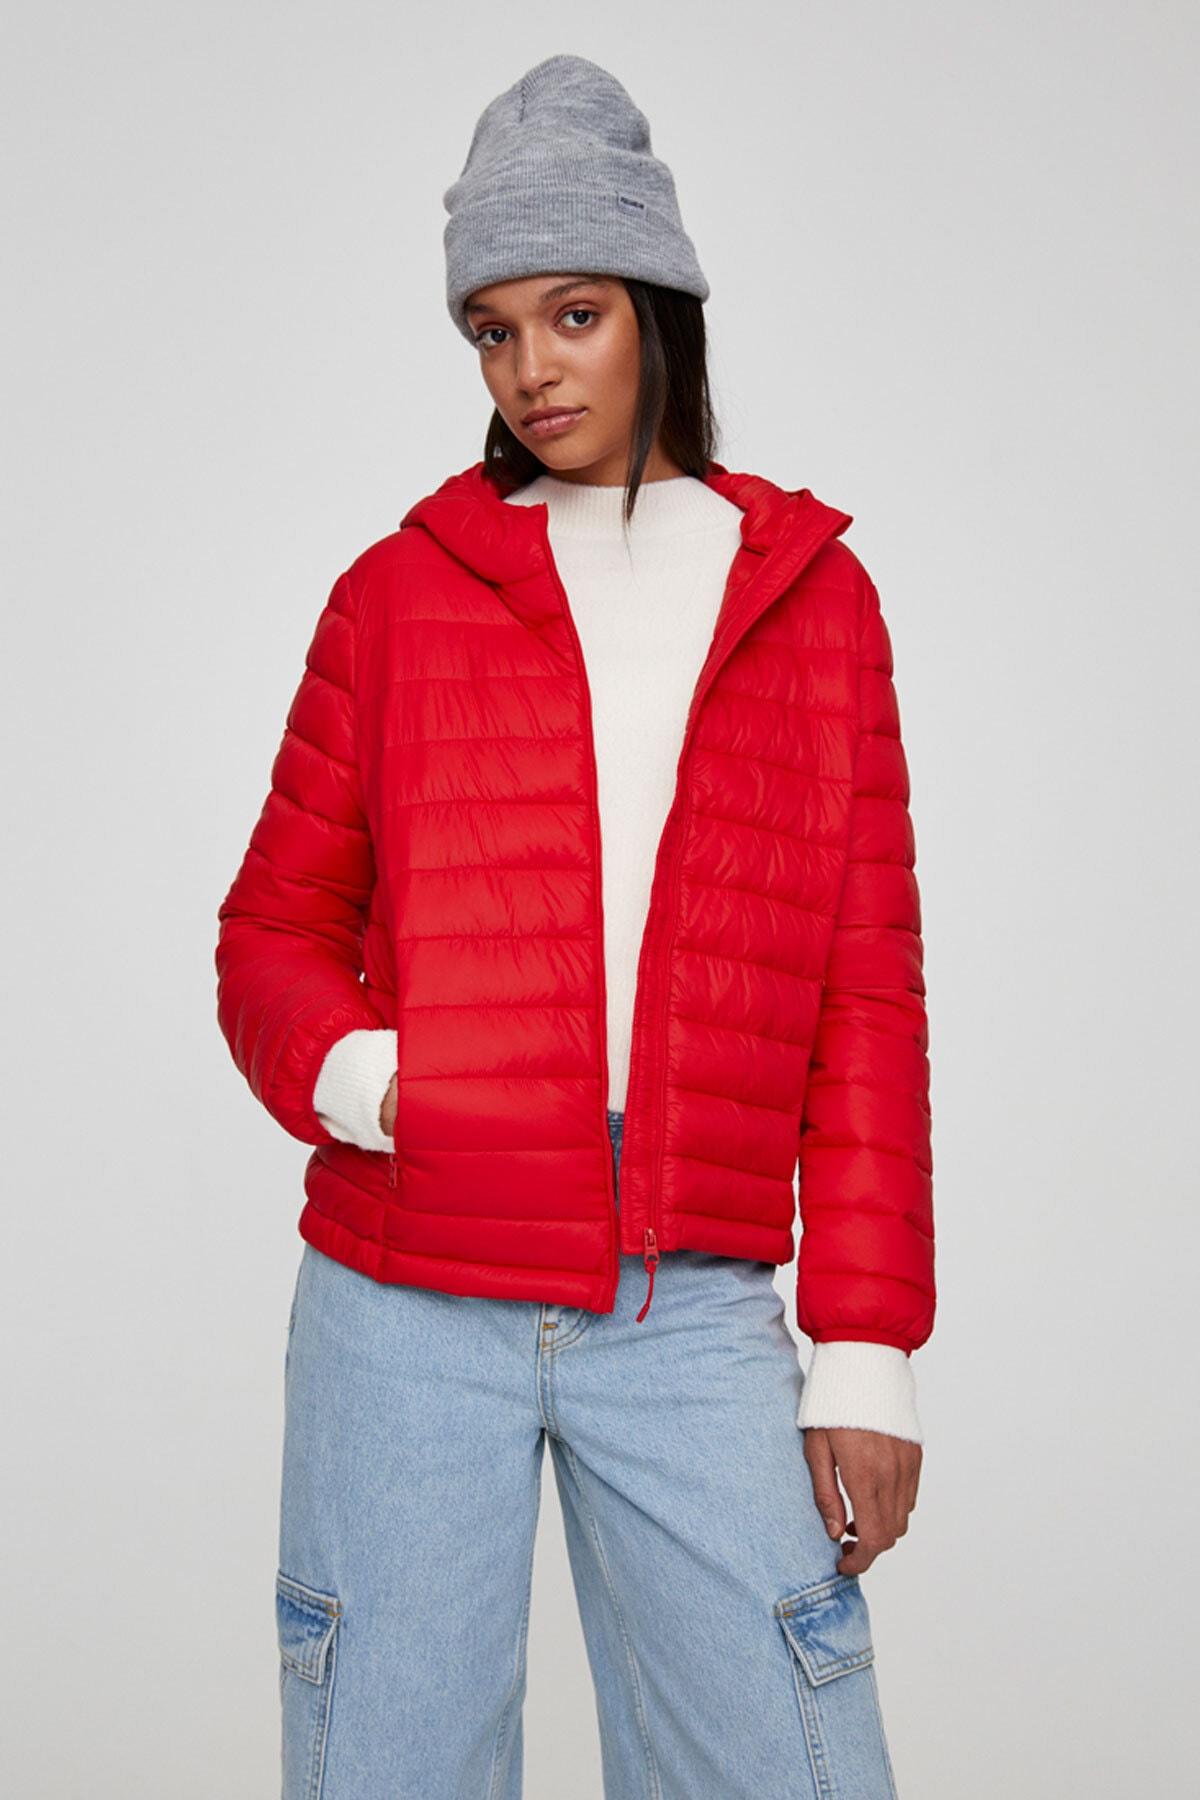 Pull & Bear Kadın Açık Kırmızı Basic Şişme Mont 09714333 0